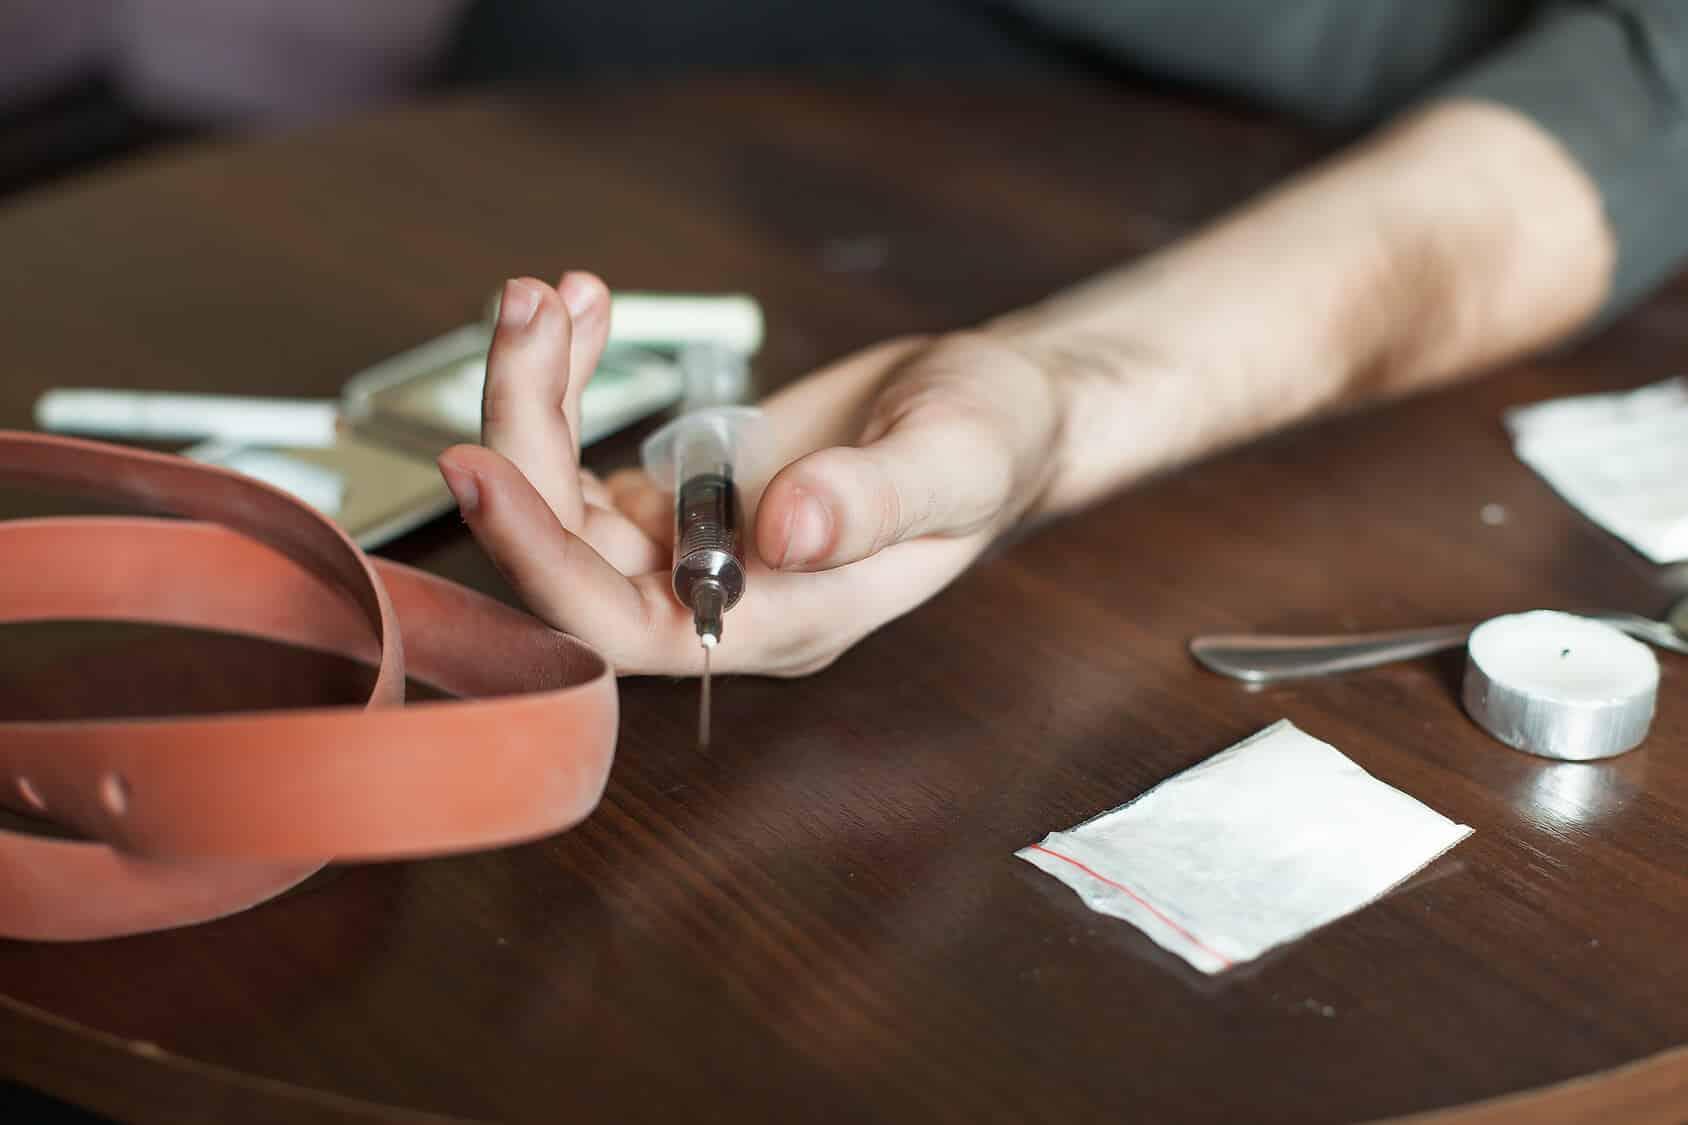 Próxima dose: Efeitos e reações da heroína no organismo